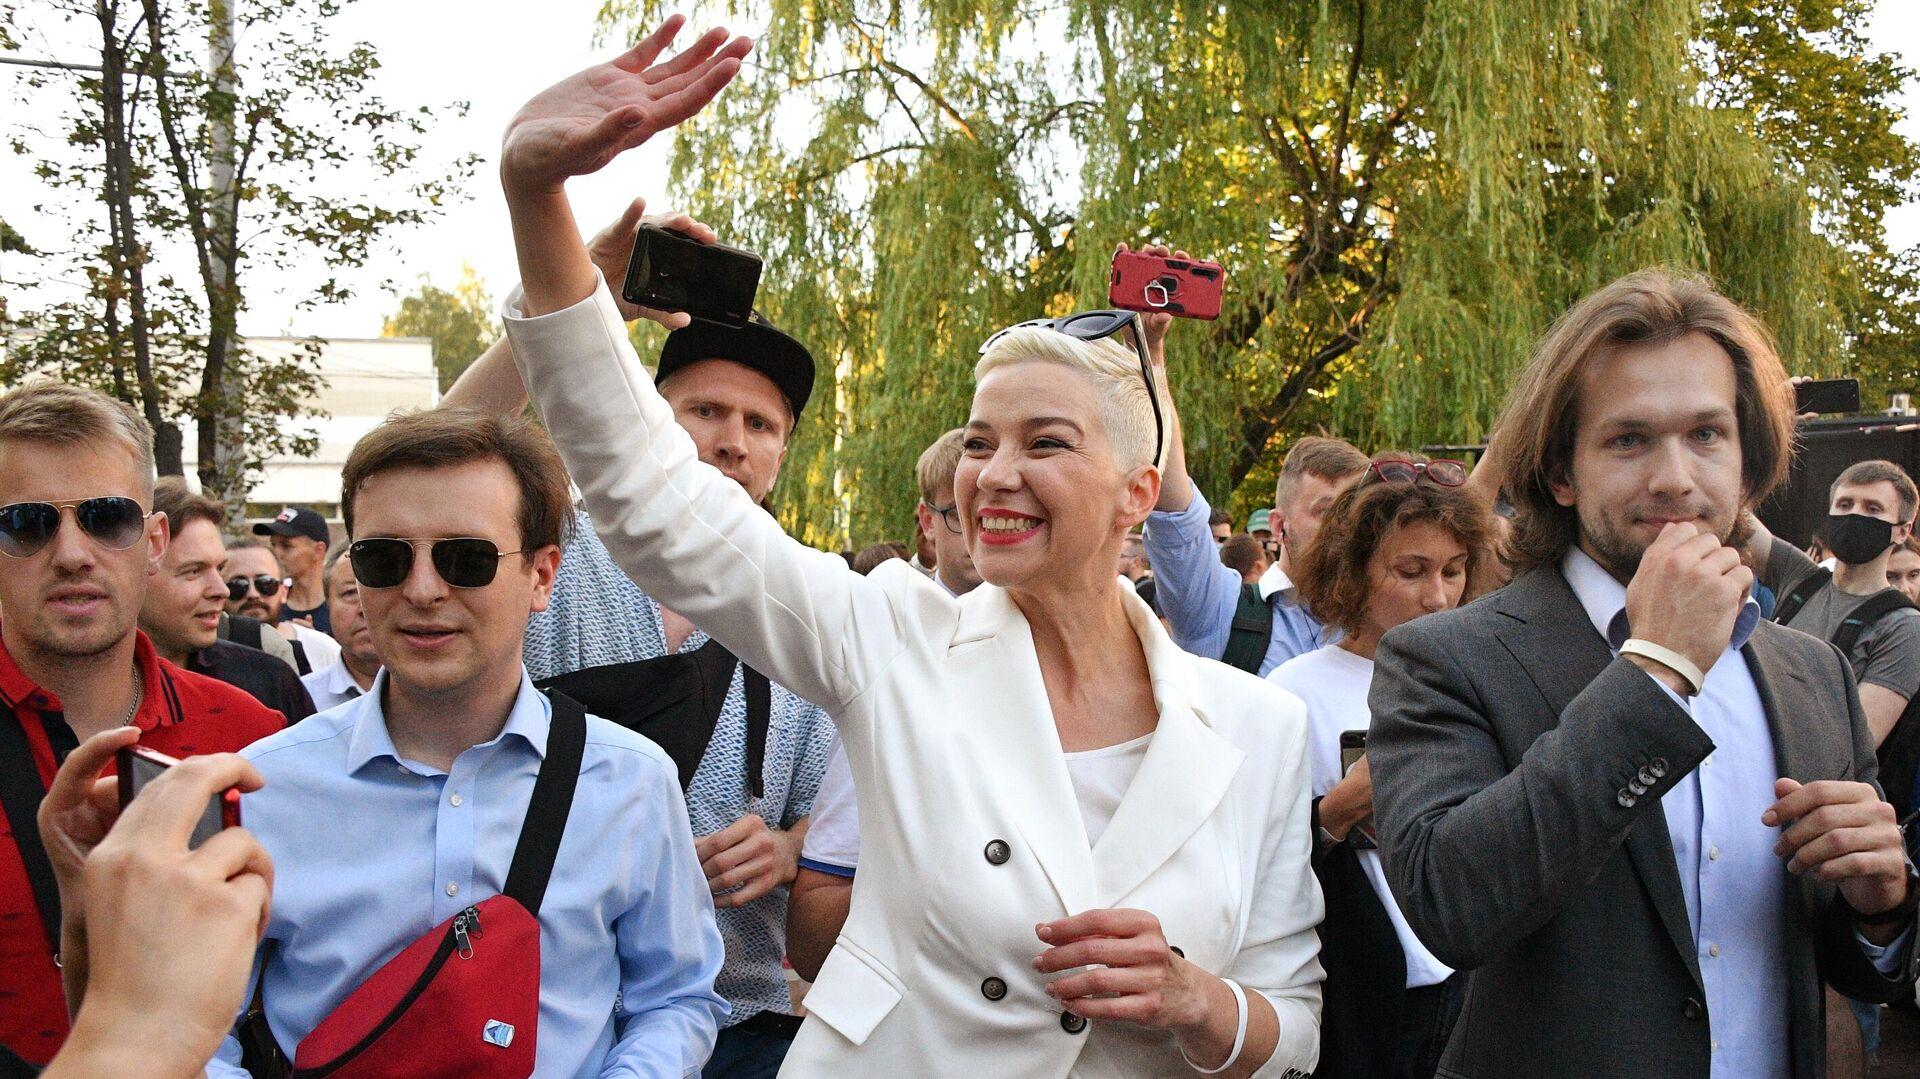 Мария Колесникова на митинге в Киевском сквере в Минске - РИА Новости, 1920, 18.09.2020